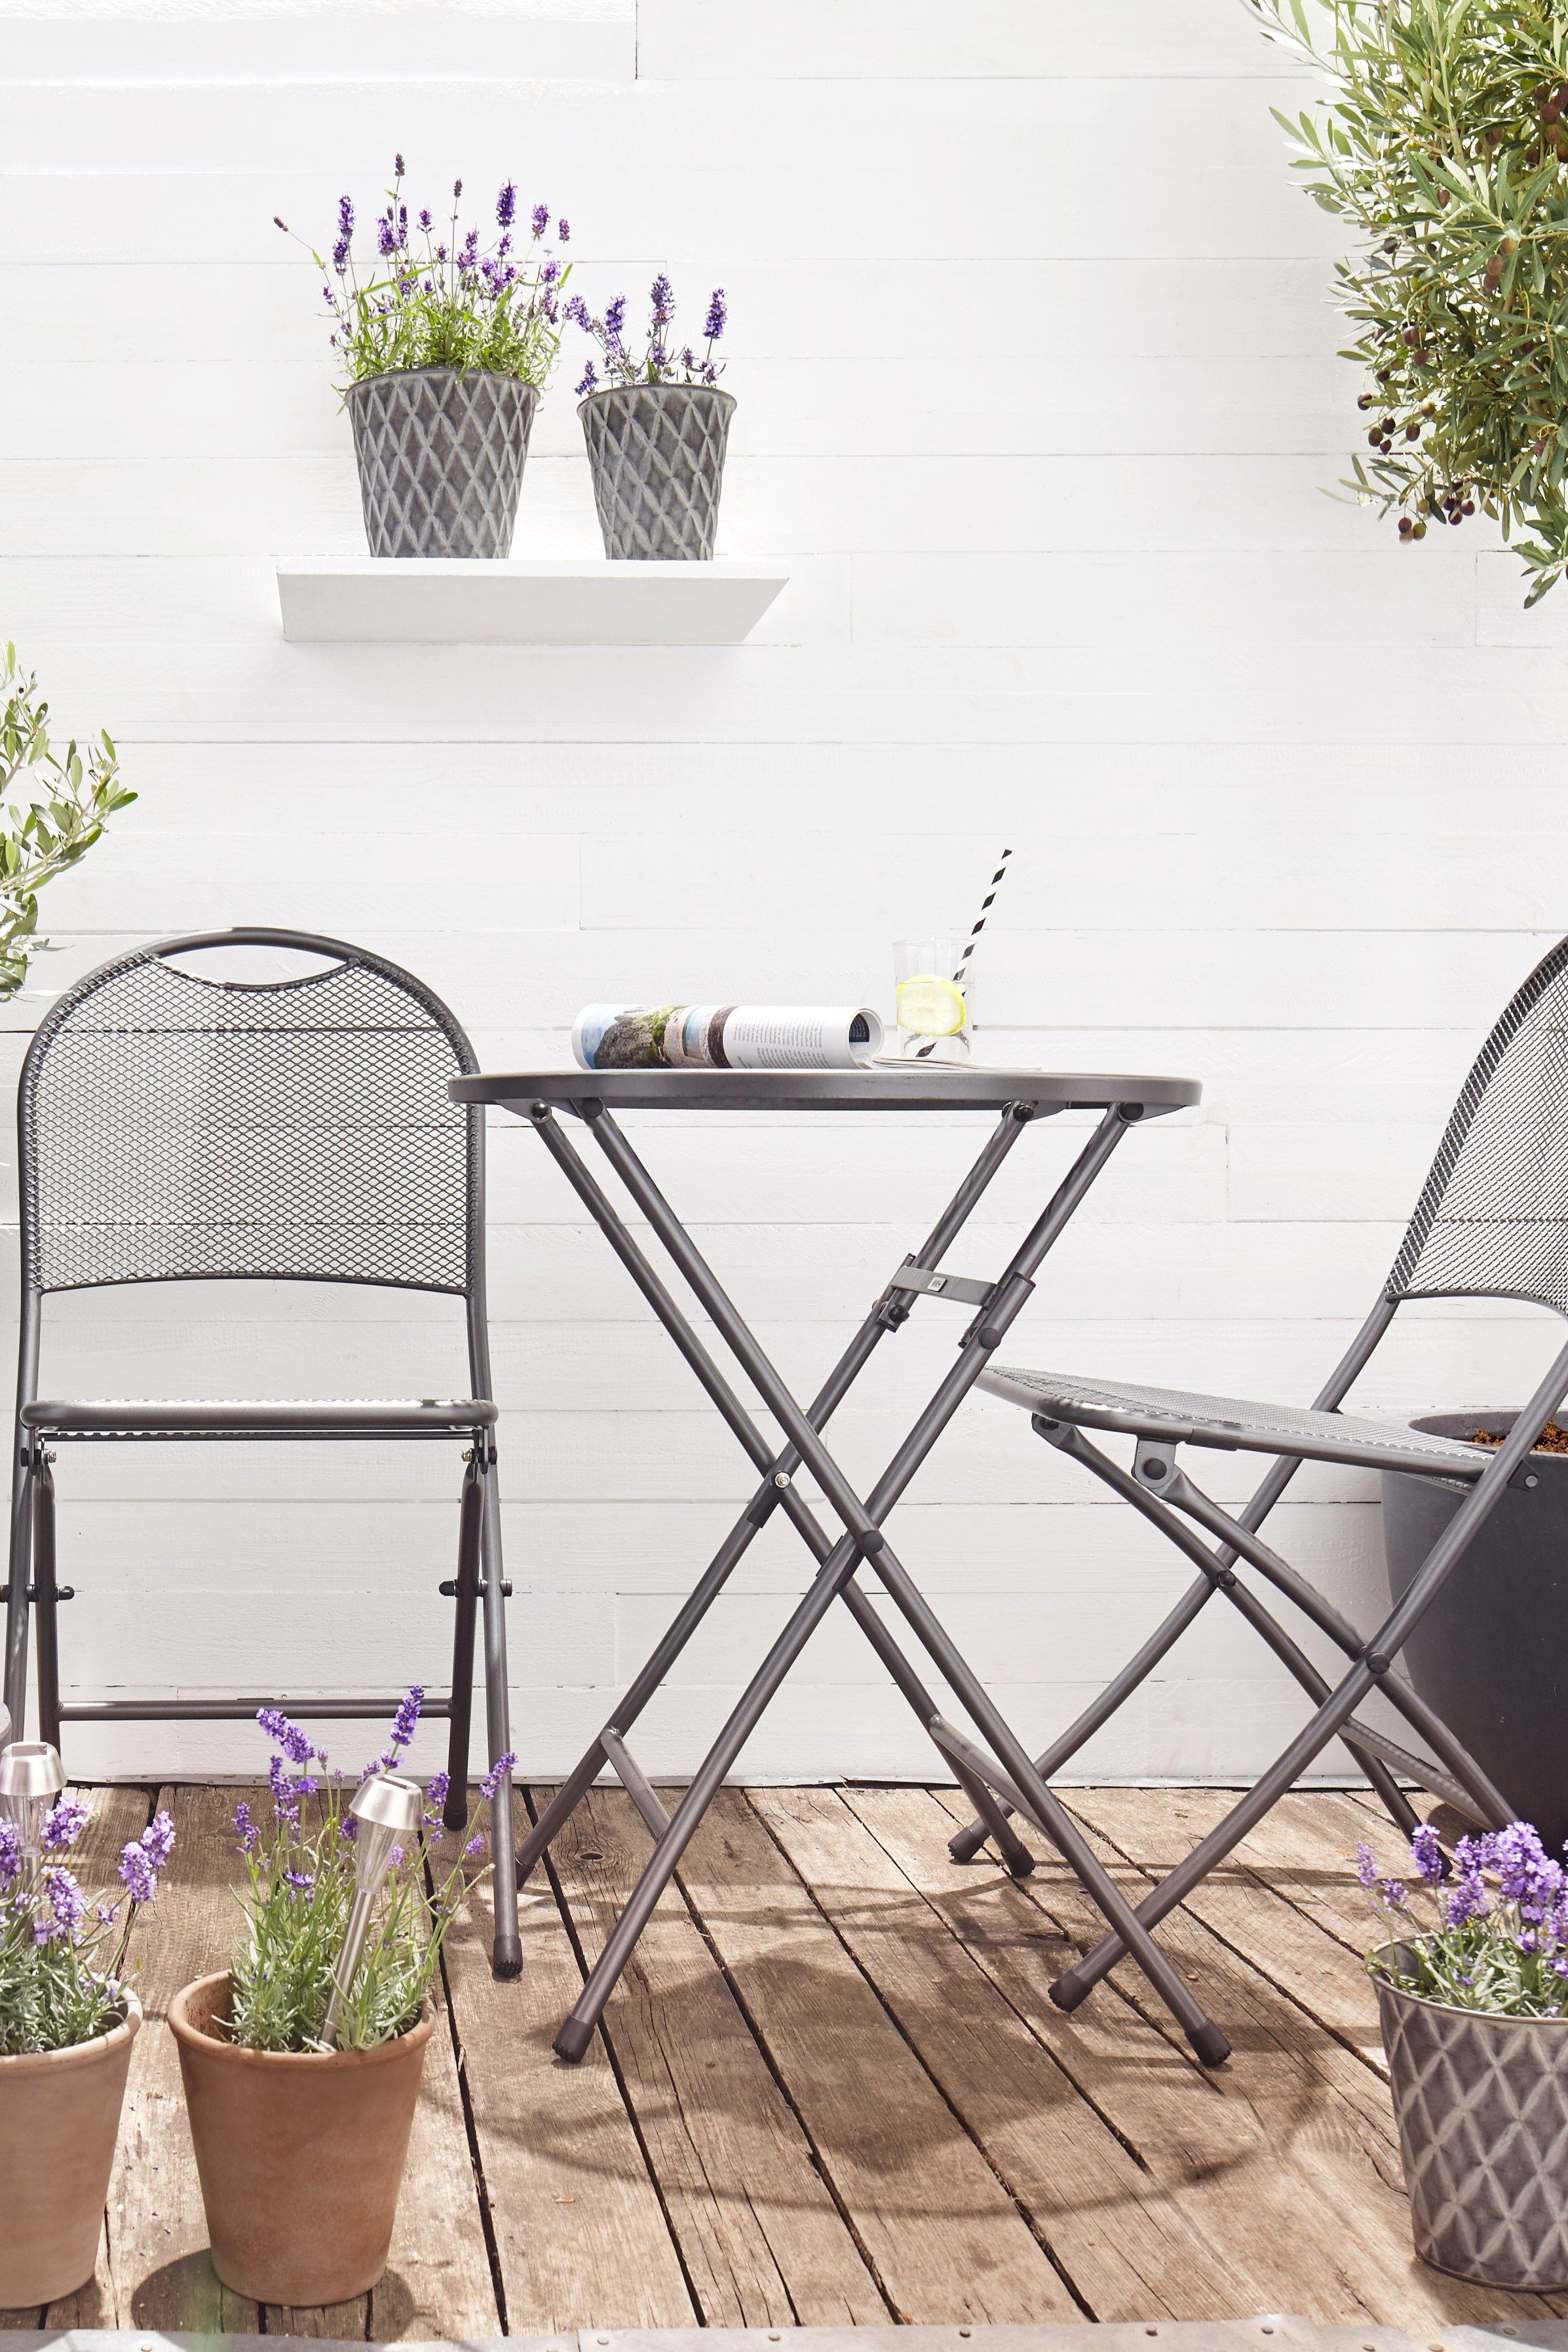 Gartentisch Und Stuhl Cafe Latte Fur Zwei Klapptisch Tisch Gartentisch